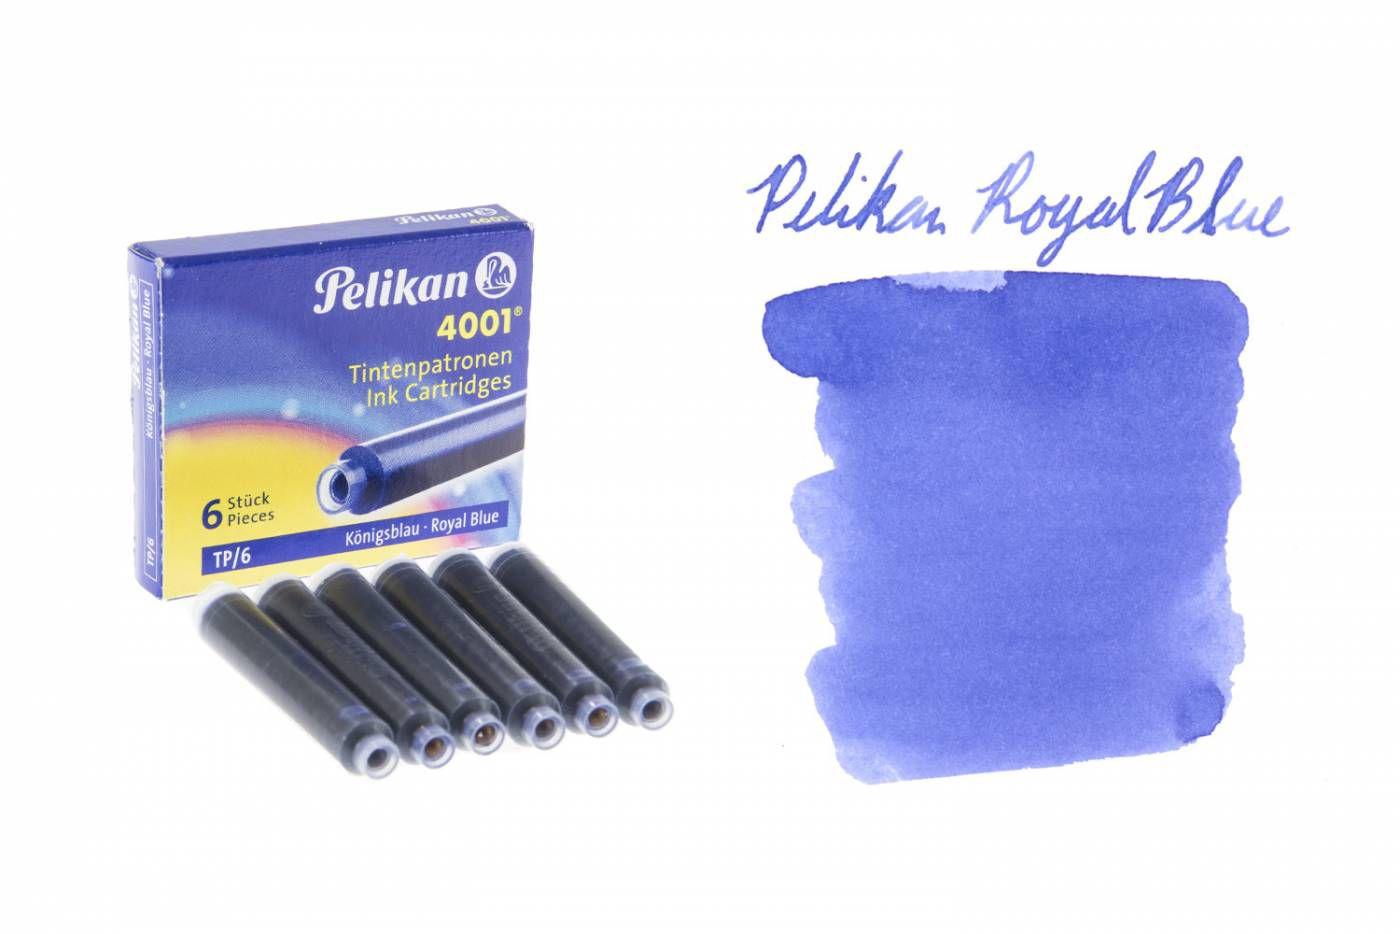 Cartucho de Caneta Tinteiro Pelikan 4001 c/ 6 un- Azul